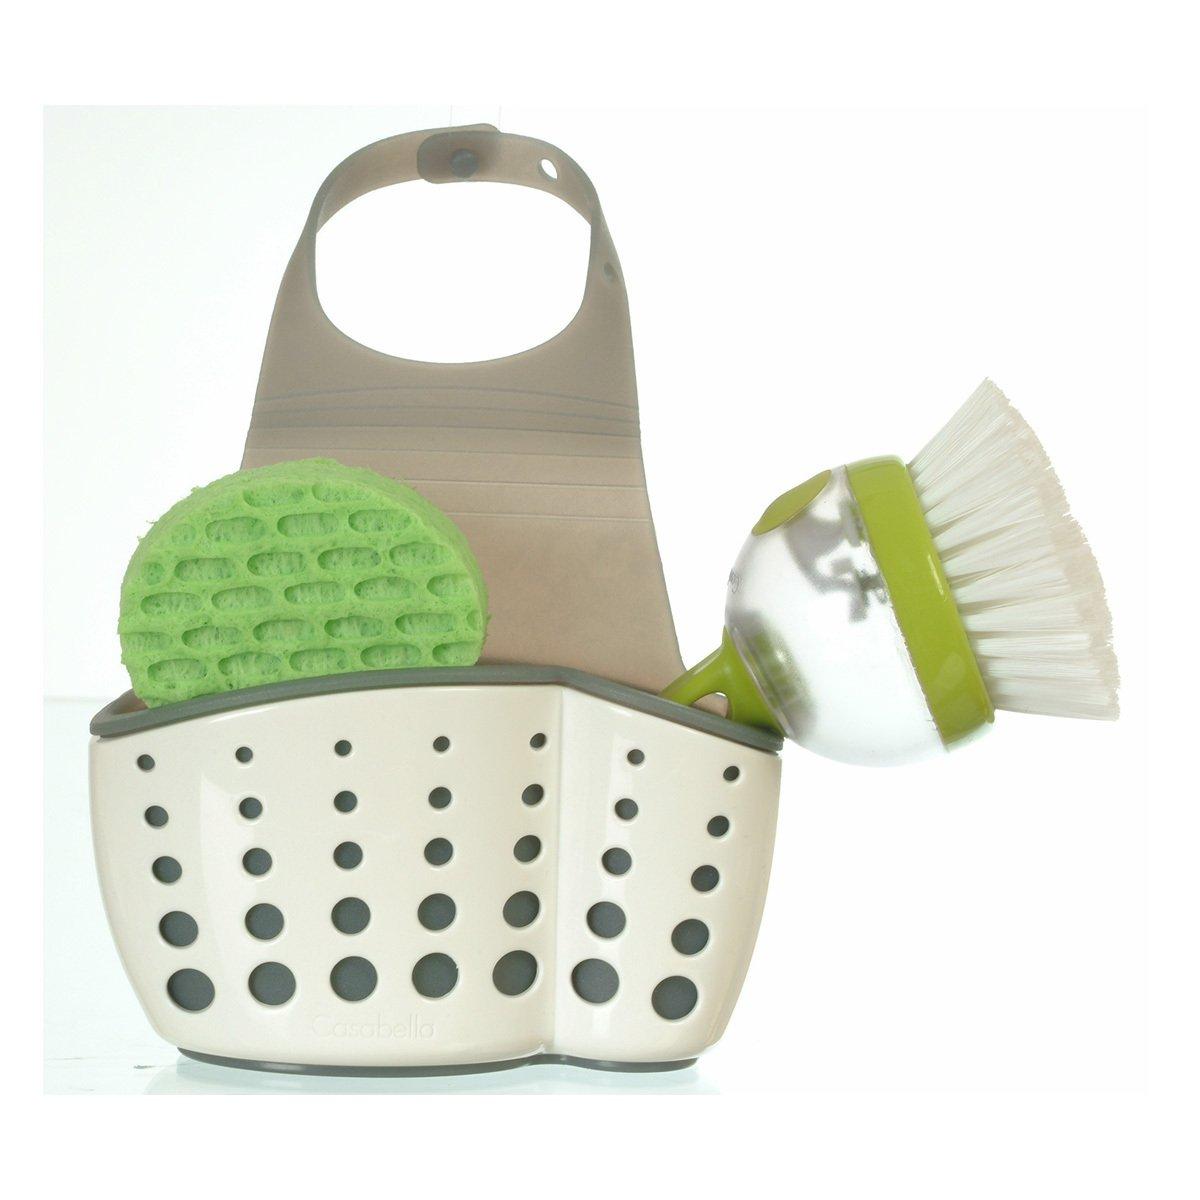 Kitchen Sink Sponge Holder: Sink Sider Faucet Caddy Sponge Holder For Scrubbers